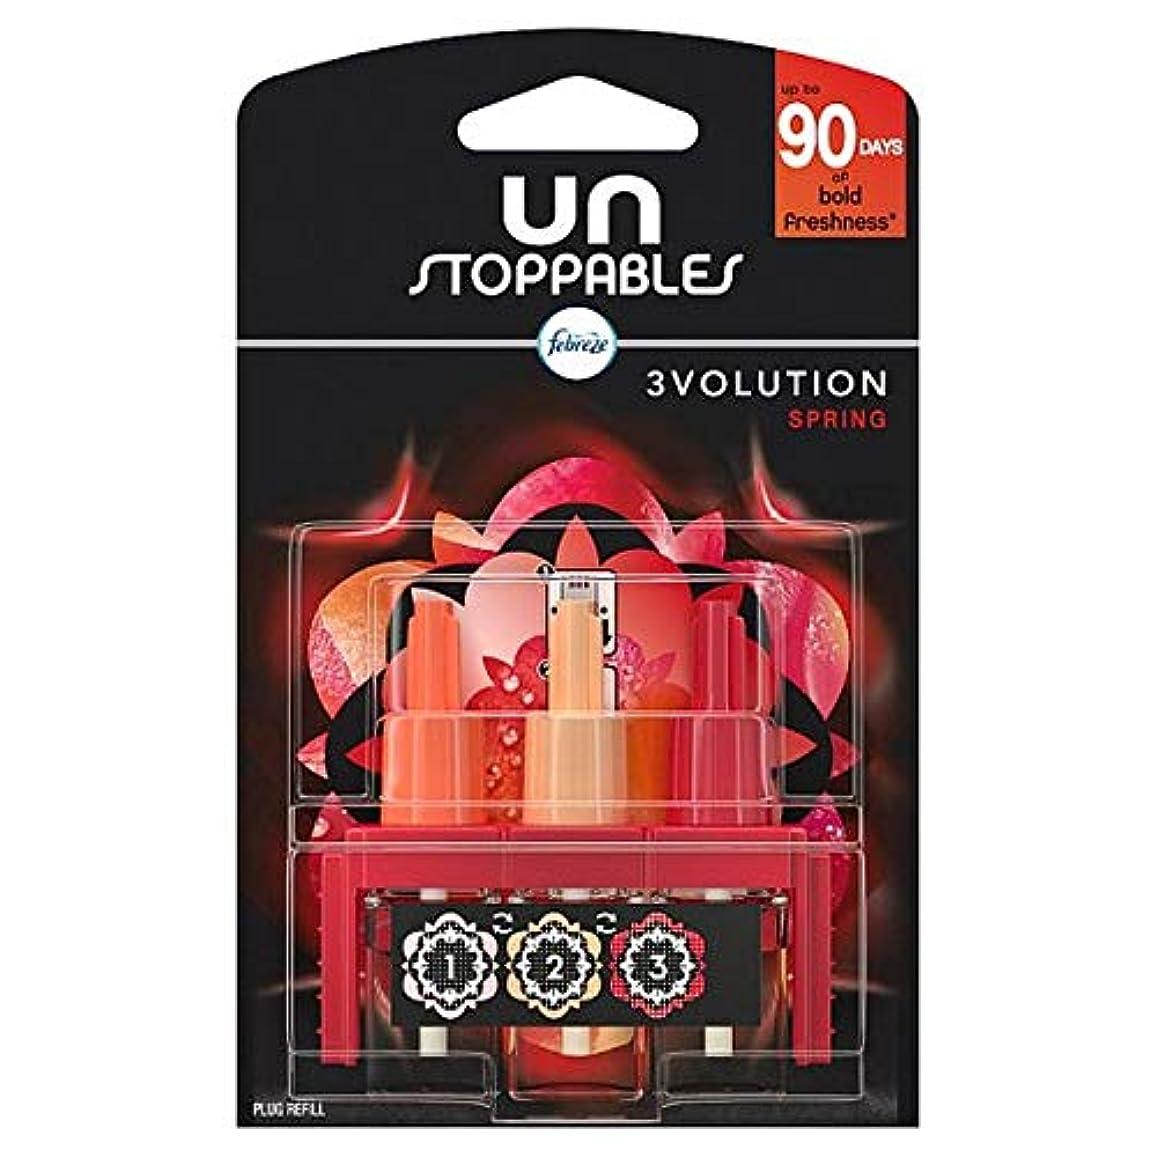 製油所自己徴収[Febreze] リフィル20ミリリットルでUnstoppables 3Volutionスプリングプラグ - Unstoppables 3Volution Spring Plug In Refill 20Ml [並行輸入品]